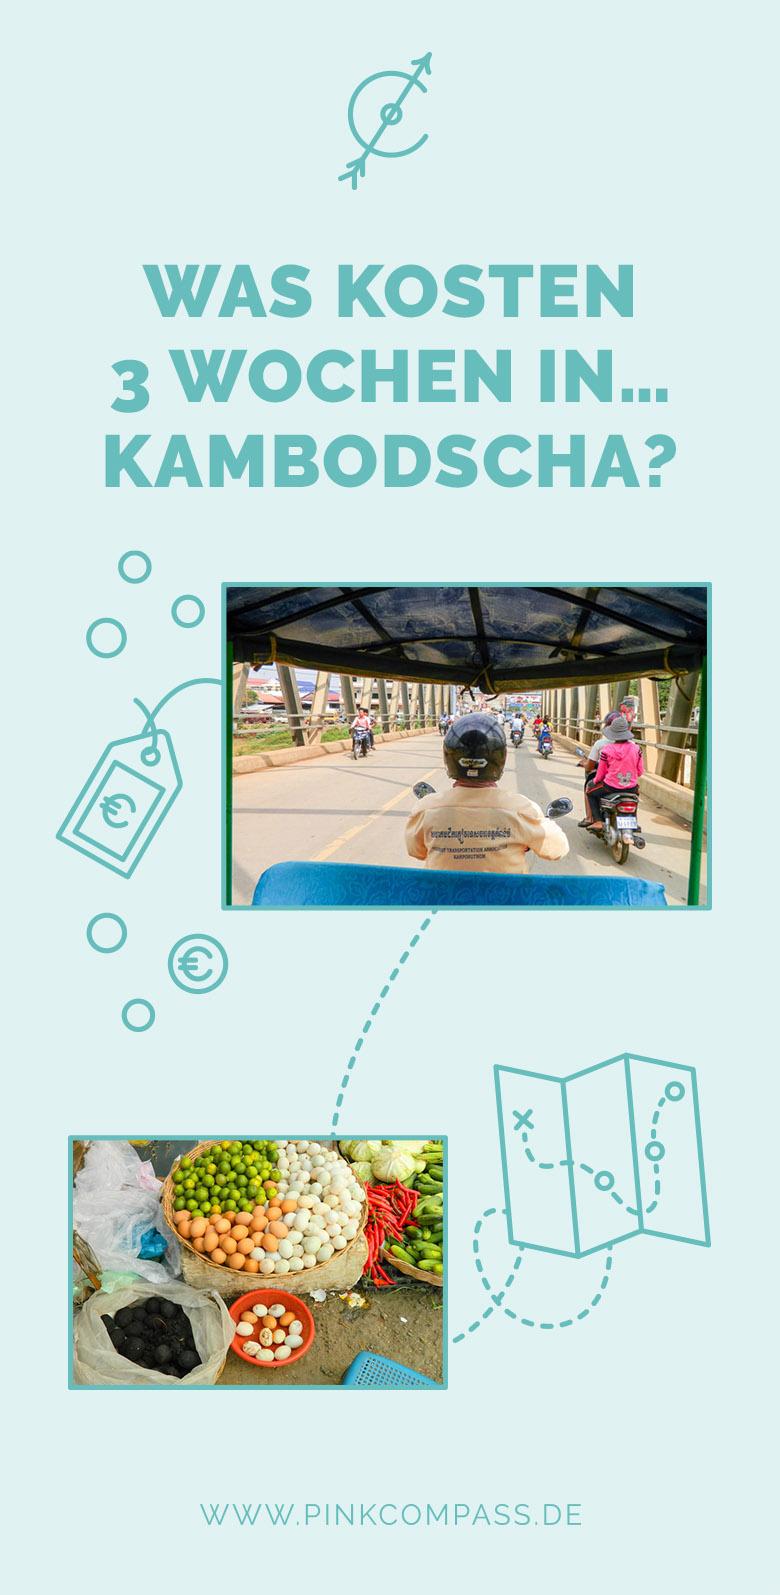 Soviel kosten 3 Wochen in Kambodscha